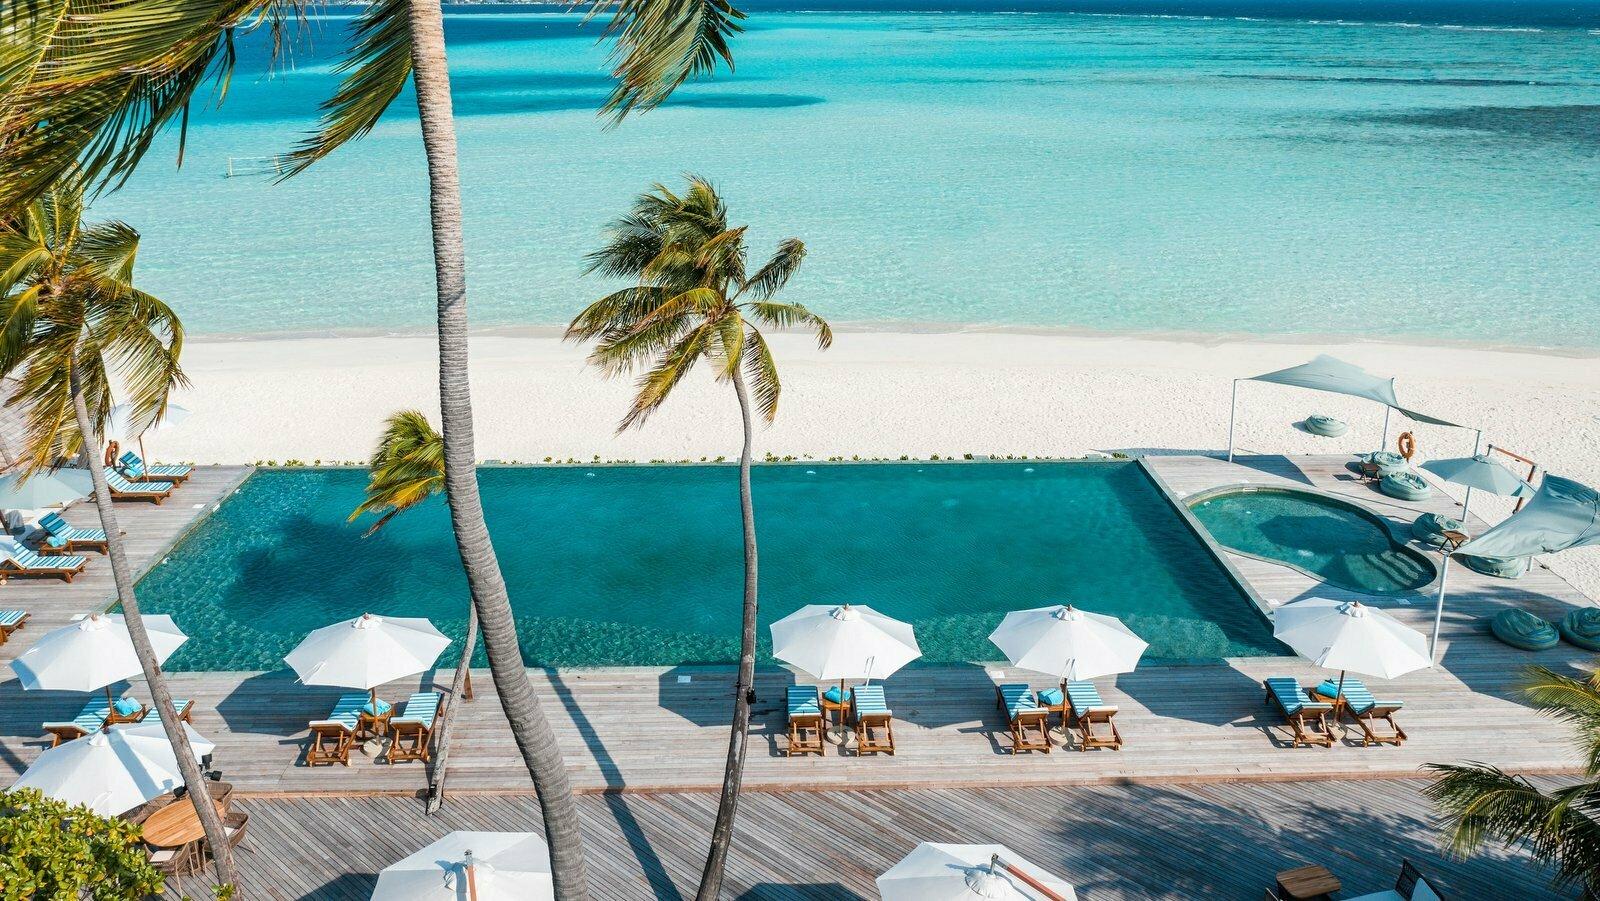 Мальдивы, отель Angsana Velavaru, ресторан Kuredhi